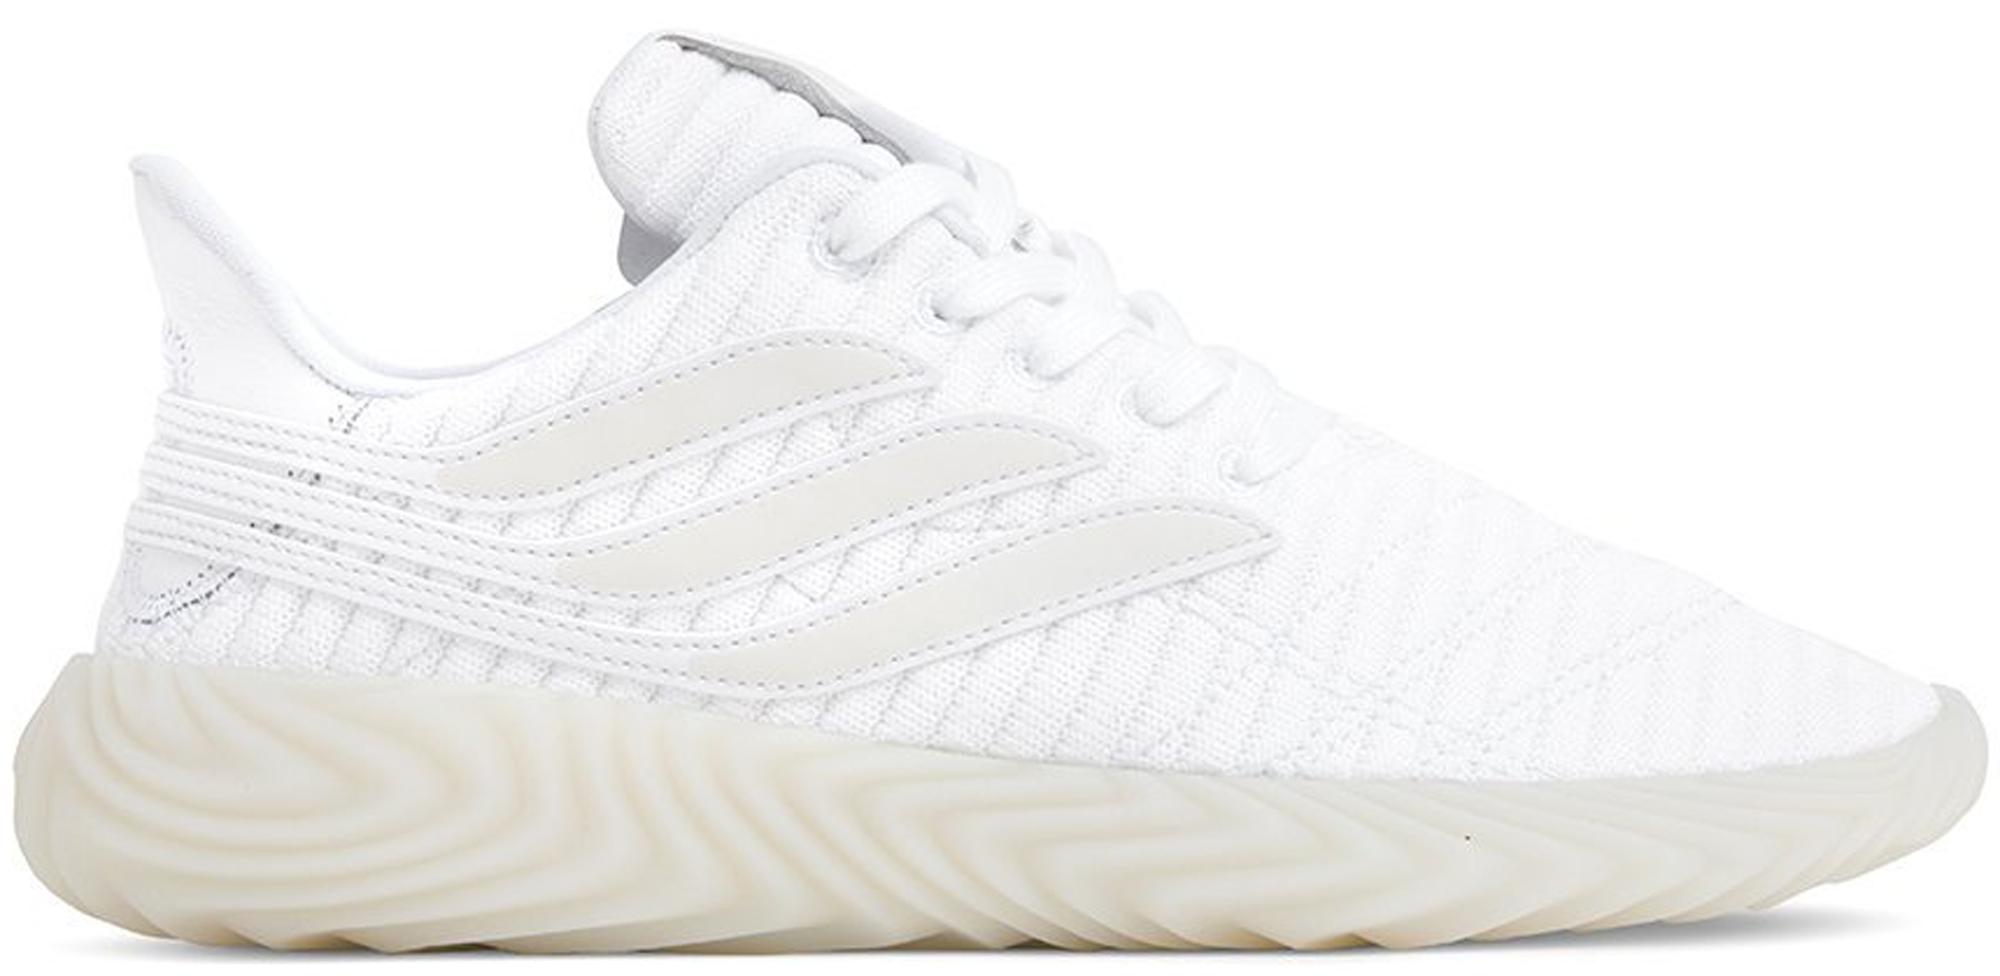 adidas Sobakov Triple White